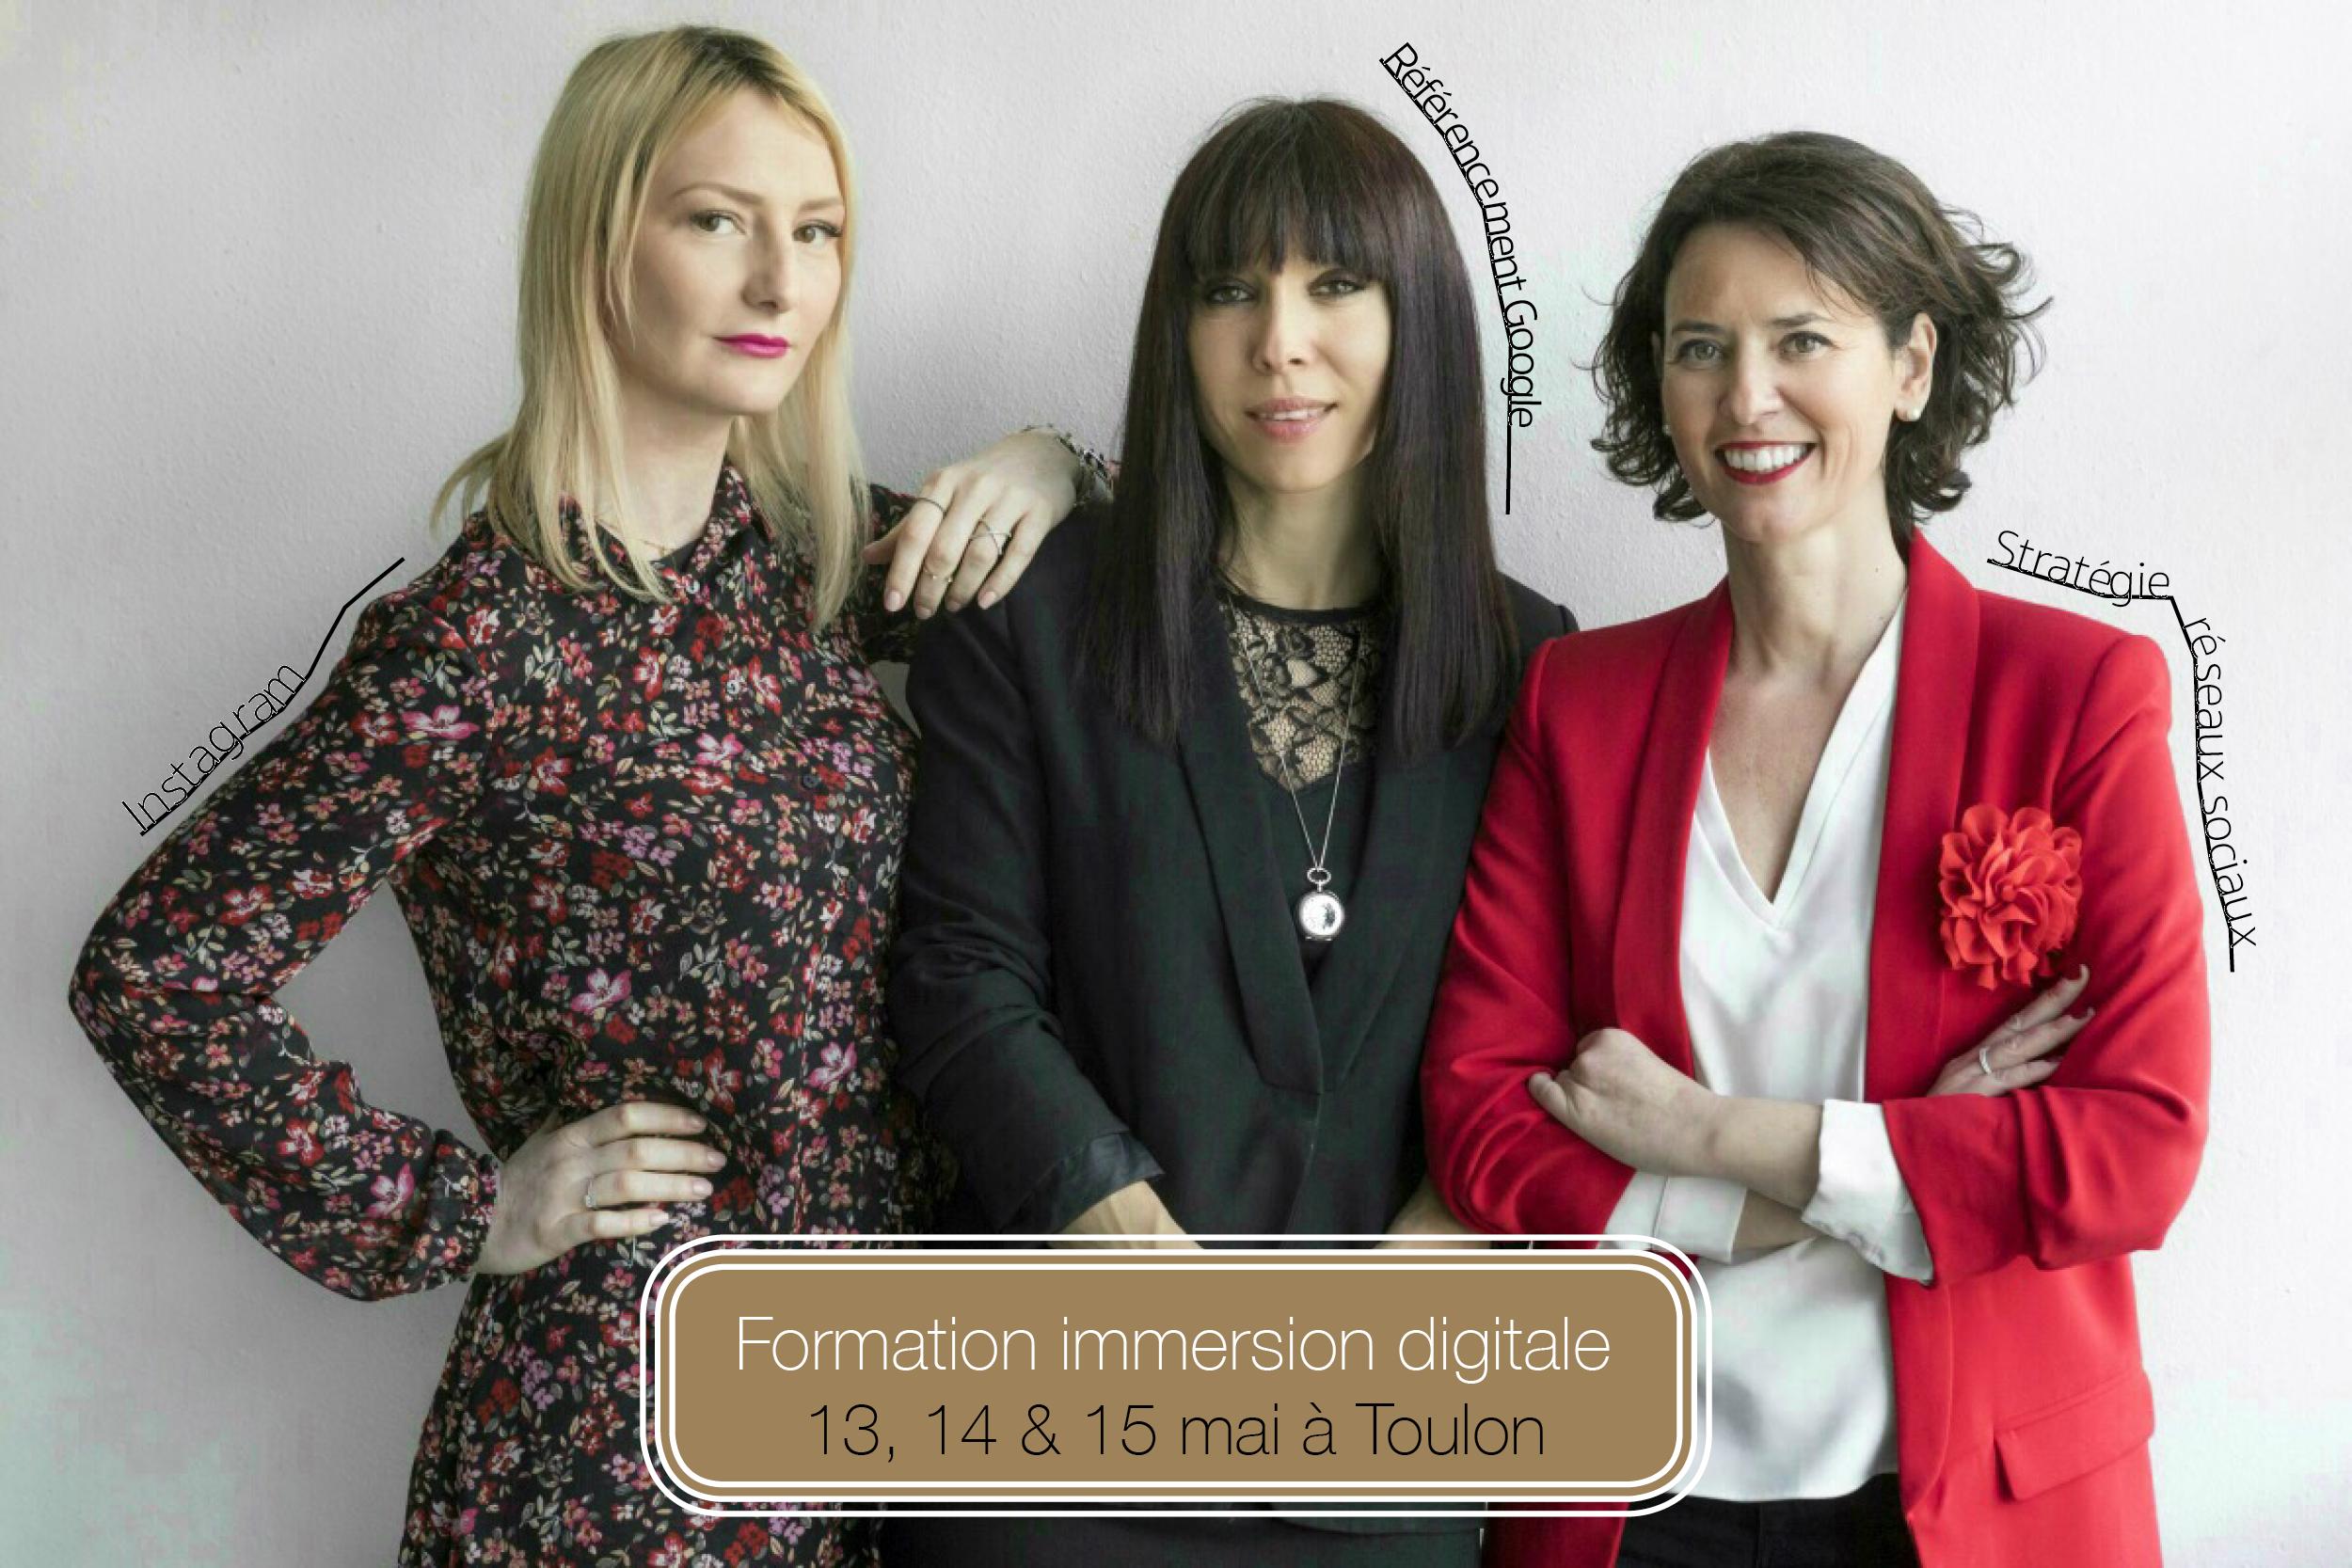 Teasing formation Reseaux sociaux Toulon 2019